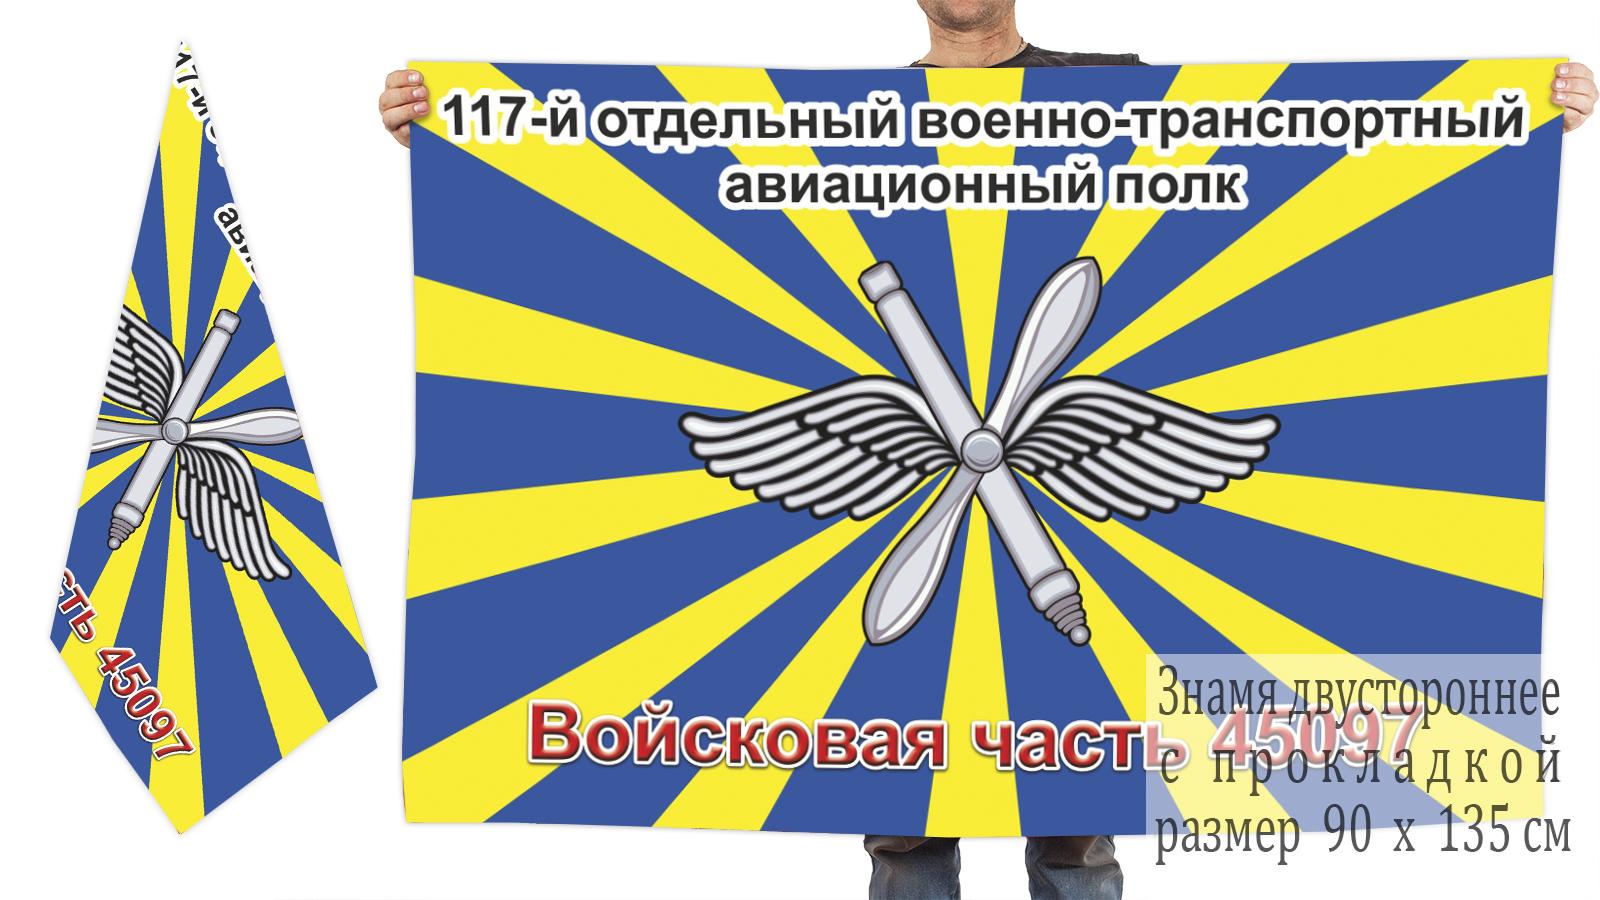 Флаг 117-го отдельного военно-транспортного авиационного полка в/ч 45097